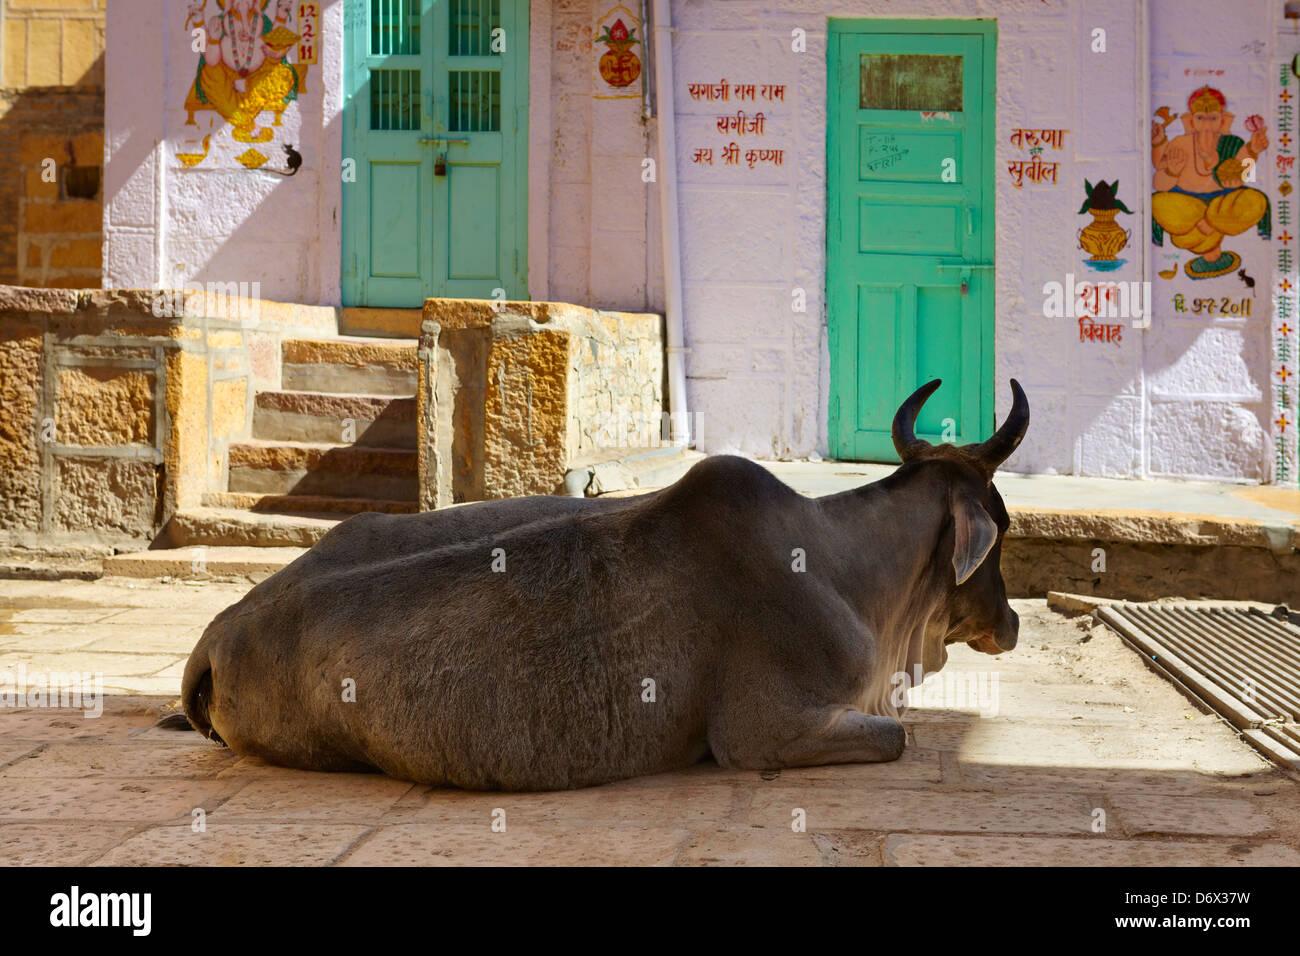 Escena de una calle, una vaca en la calle, Jaisalmer, Estado de Rajasthan, India Imagen De Stock